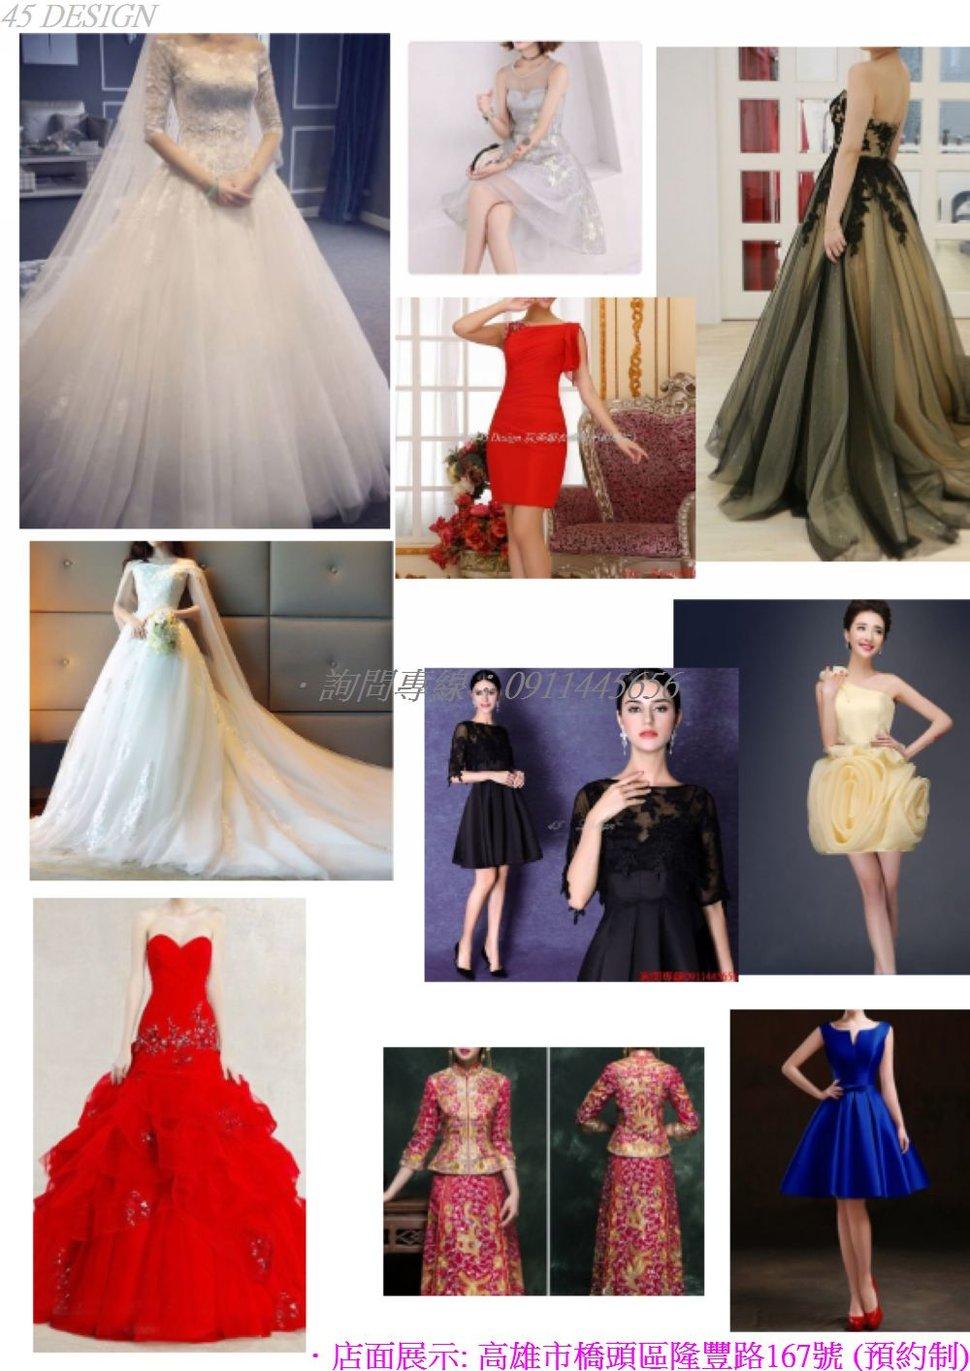 msl190815D5B79E56AD0A47E7B719E83098DE864B - 全台最便宜-45DESIGN四五婚紗禮服《結婚吧》